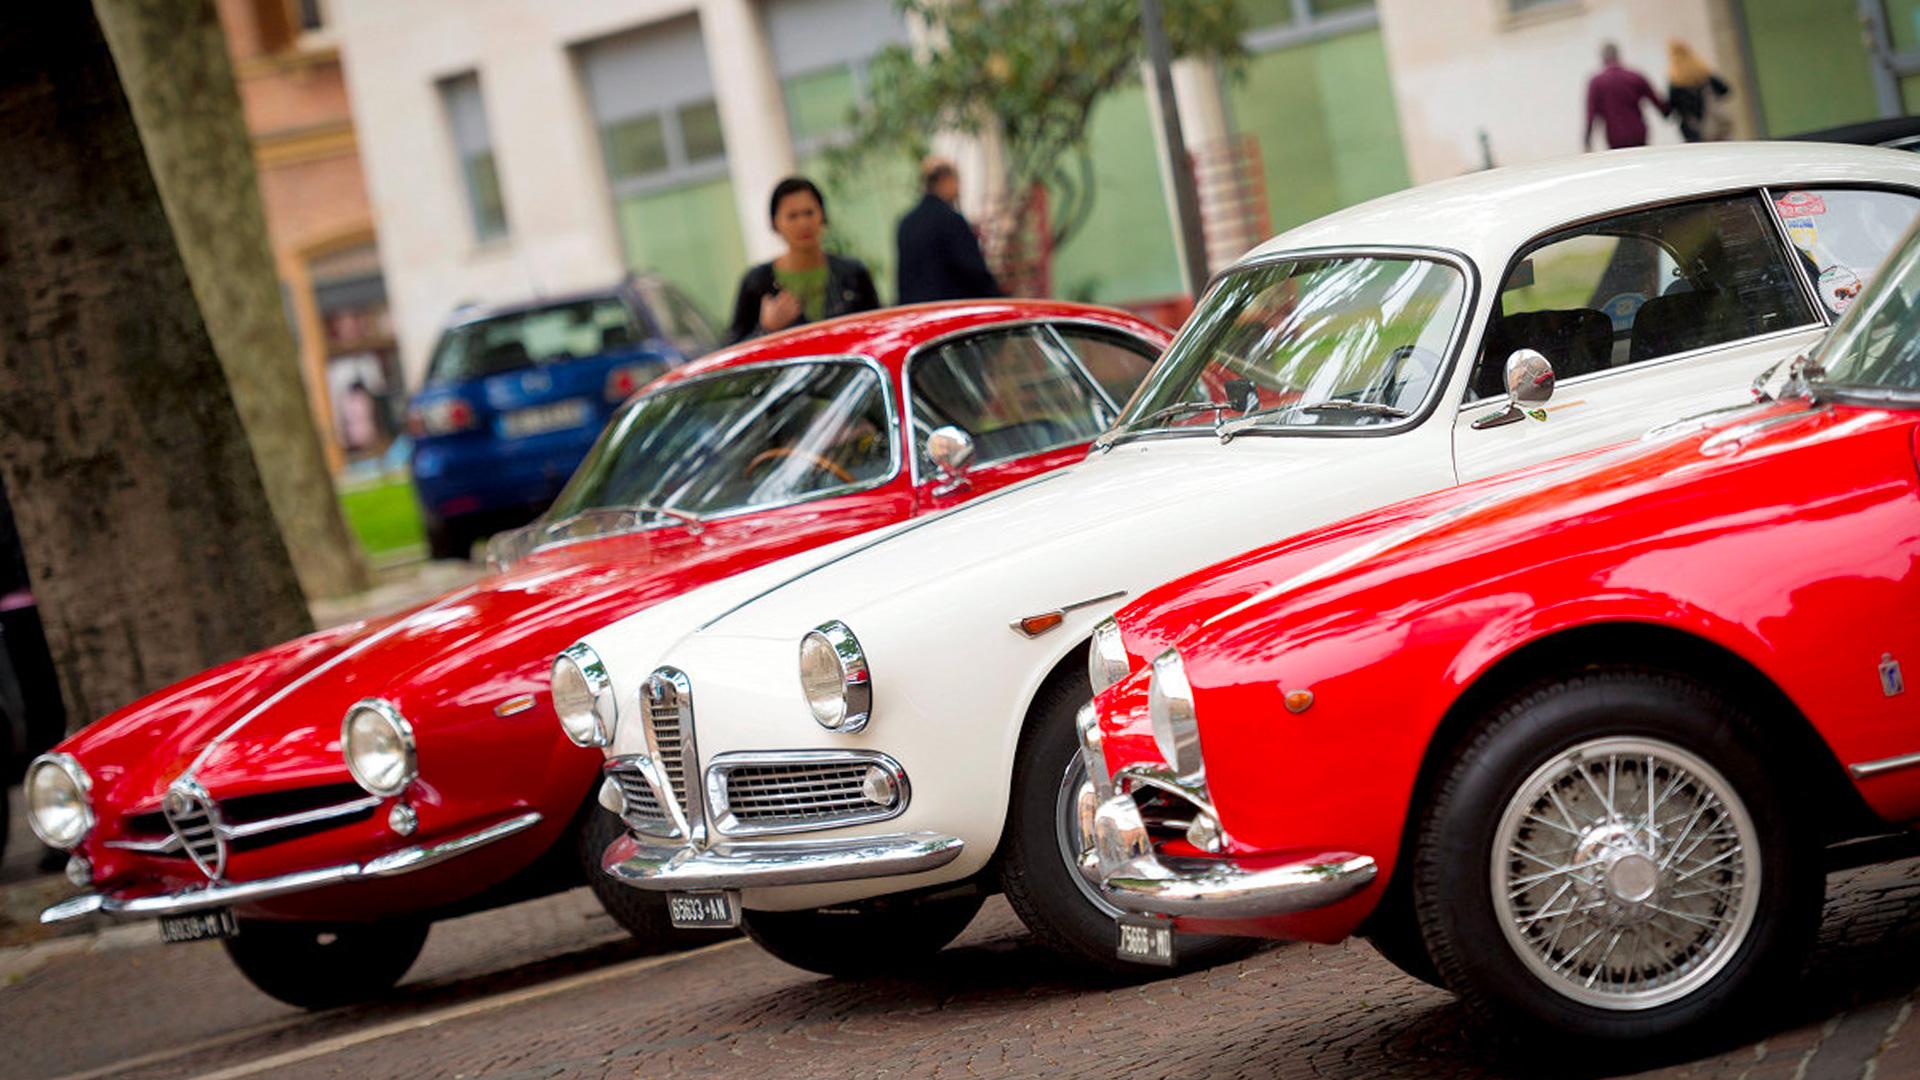 Modena Wheels 2019 - Motori, Tradizione e Innovazione